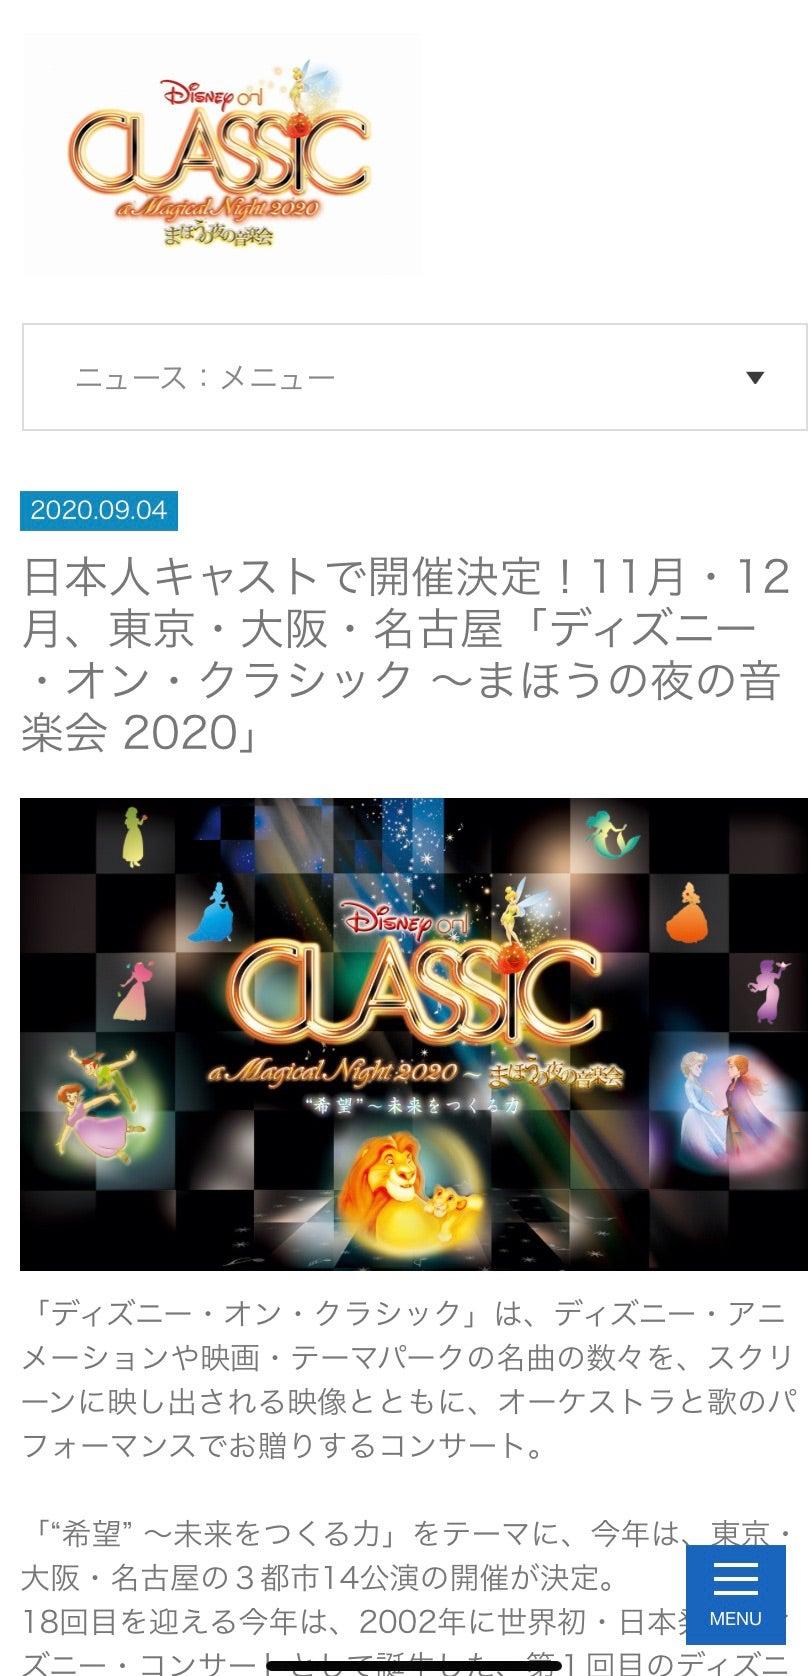 オン クラシック 2020 ディズニー